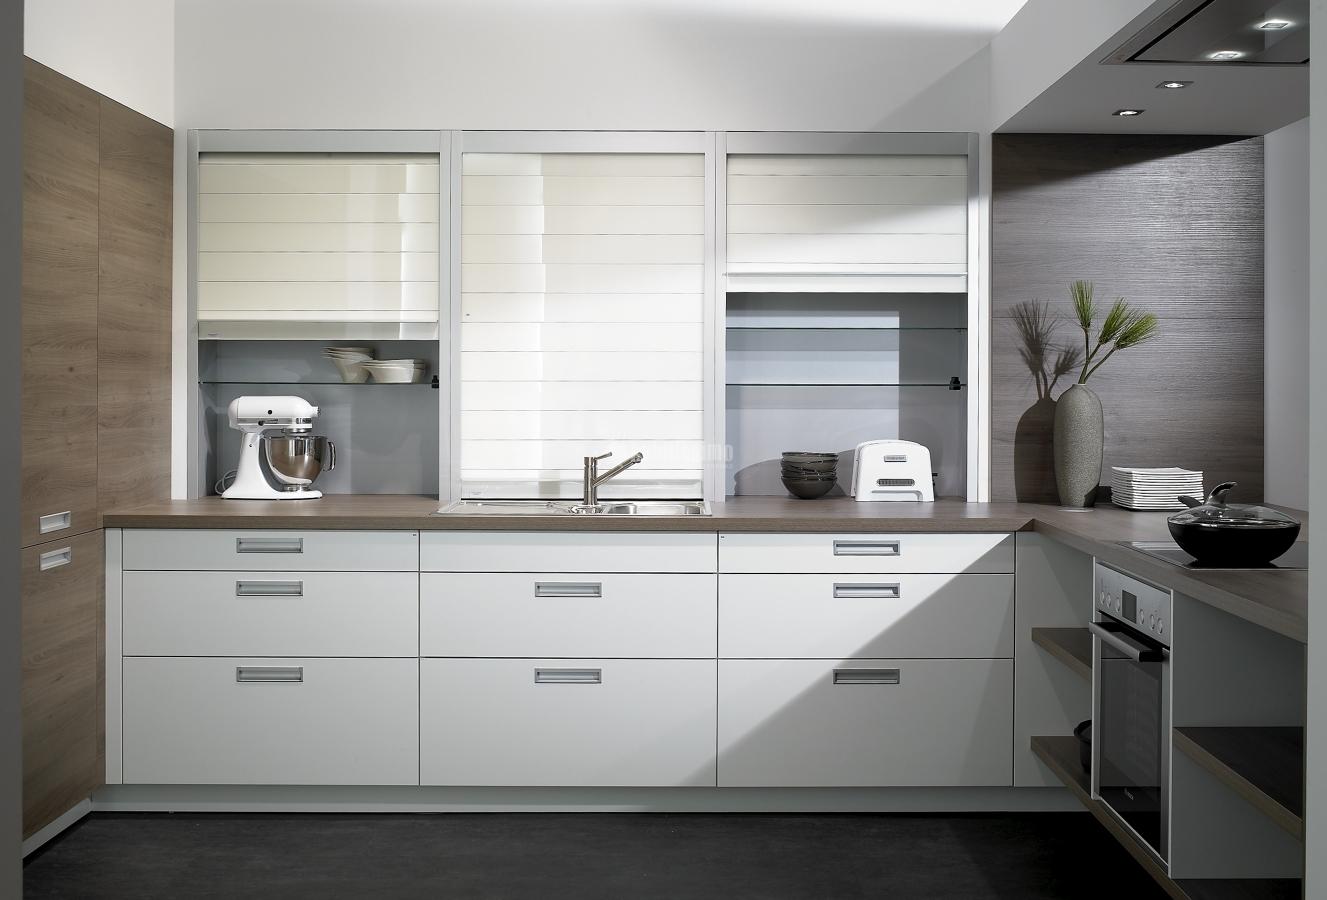 Foto muebles cocina reformas cocinas de k chen confort - Reformas cocinas sevilla ...